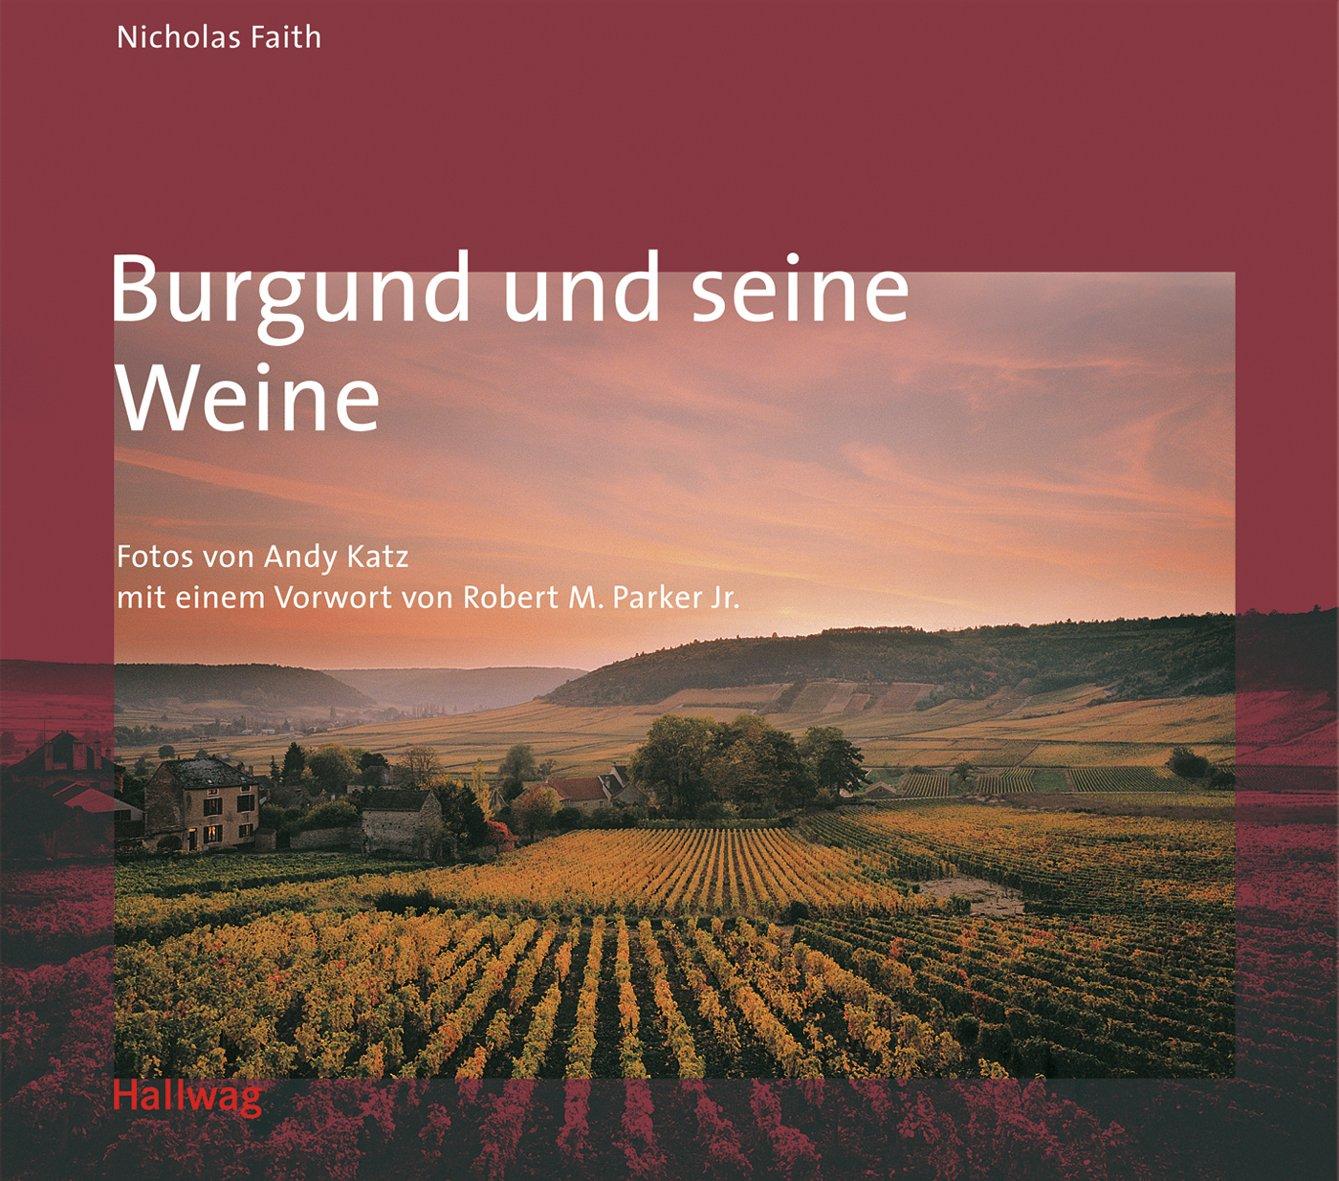 Burgund und seine Weine (Hallwag Klassische Weinregionen)